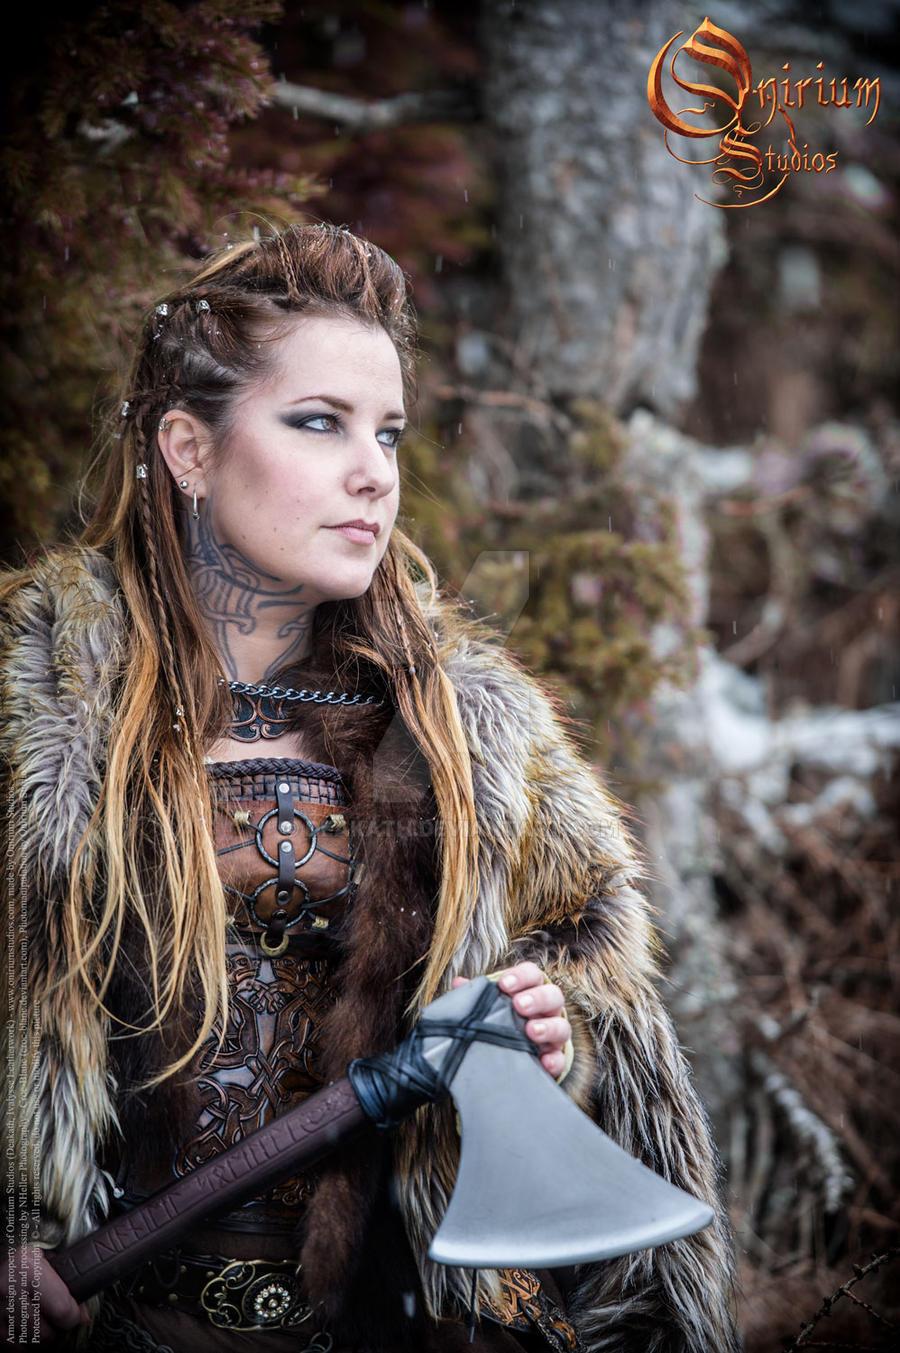 Viking inspired female set - photoshoot 2017 - 2